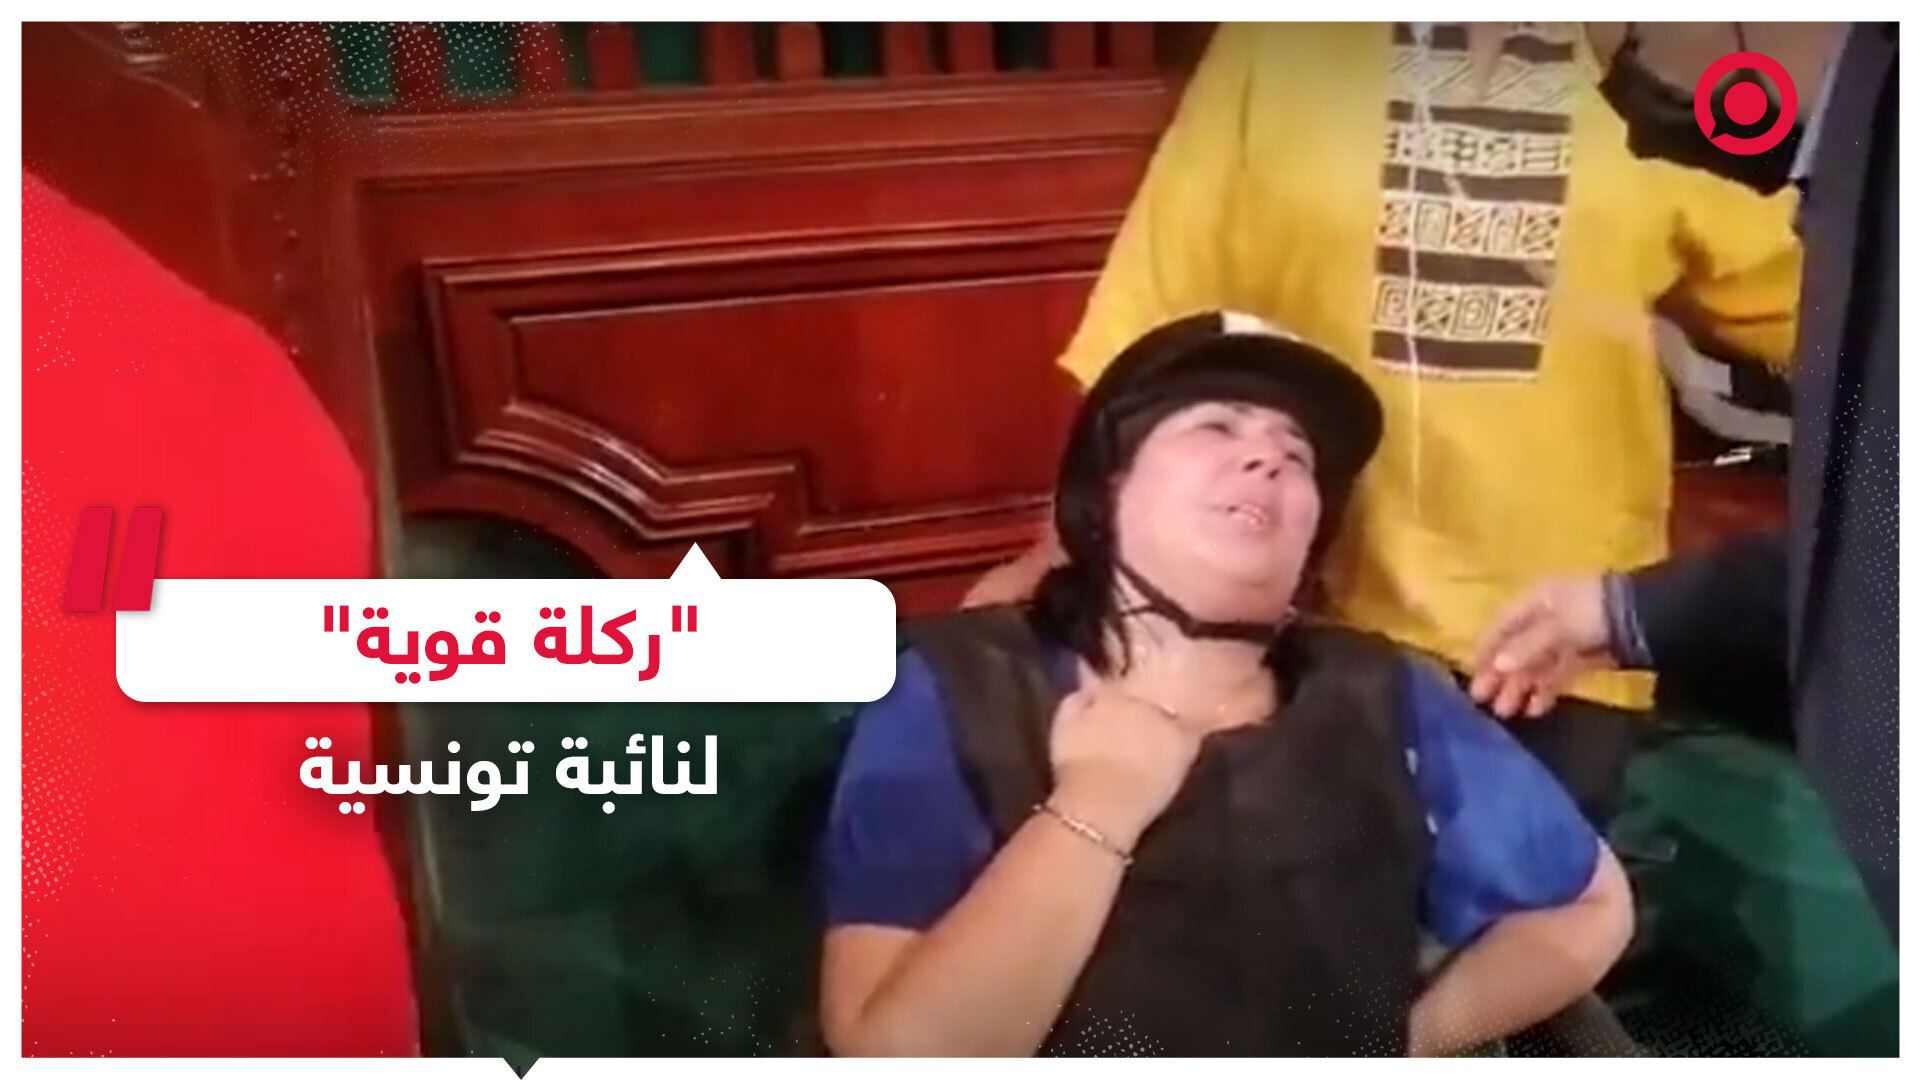 اعتداء بالضرب على عبير موسي تحت قبة البرلمان التونسي